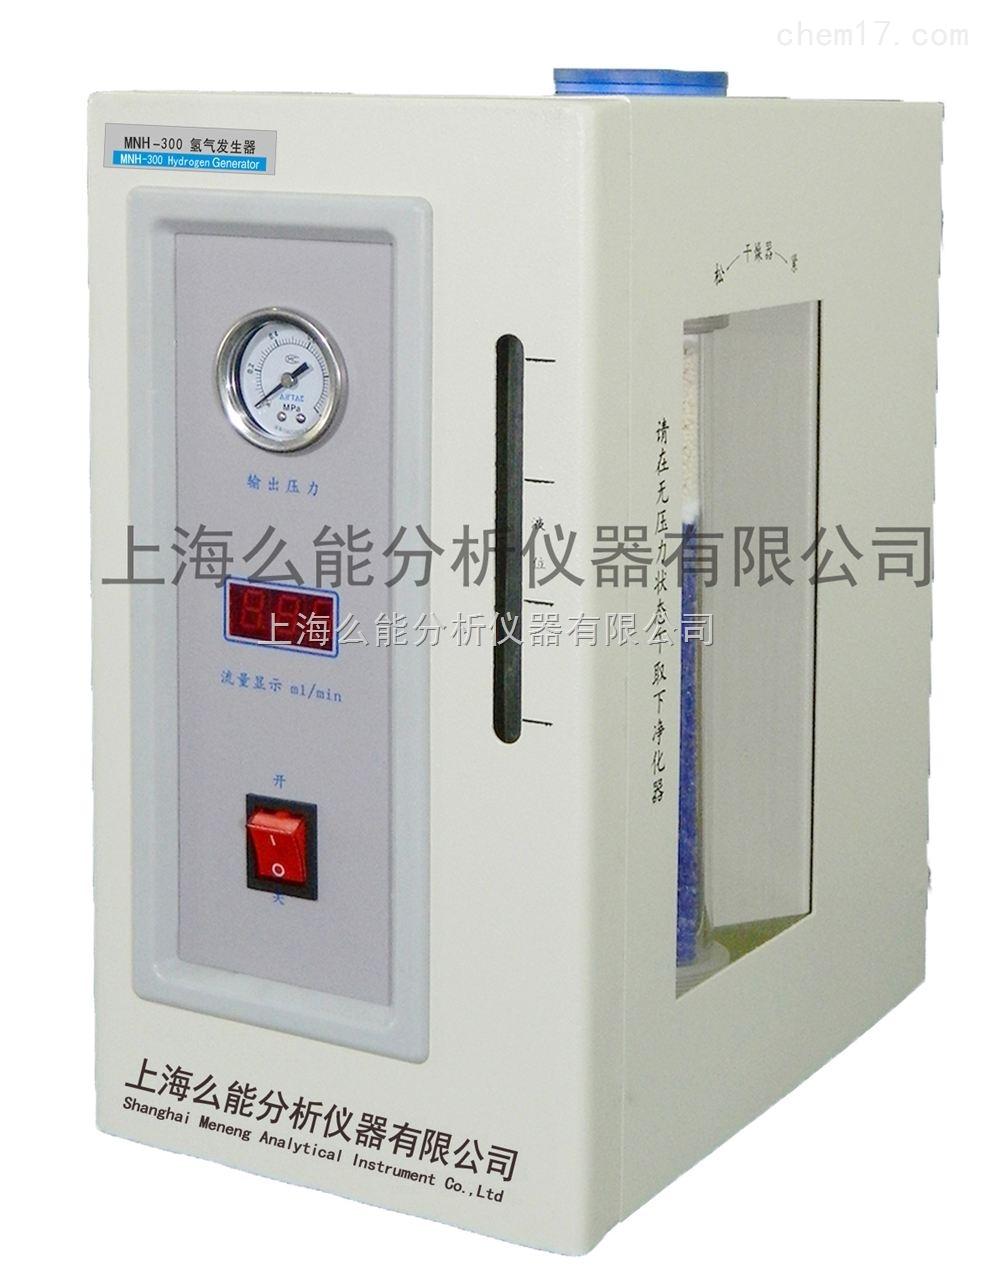 氢气发生器MNH-300II